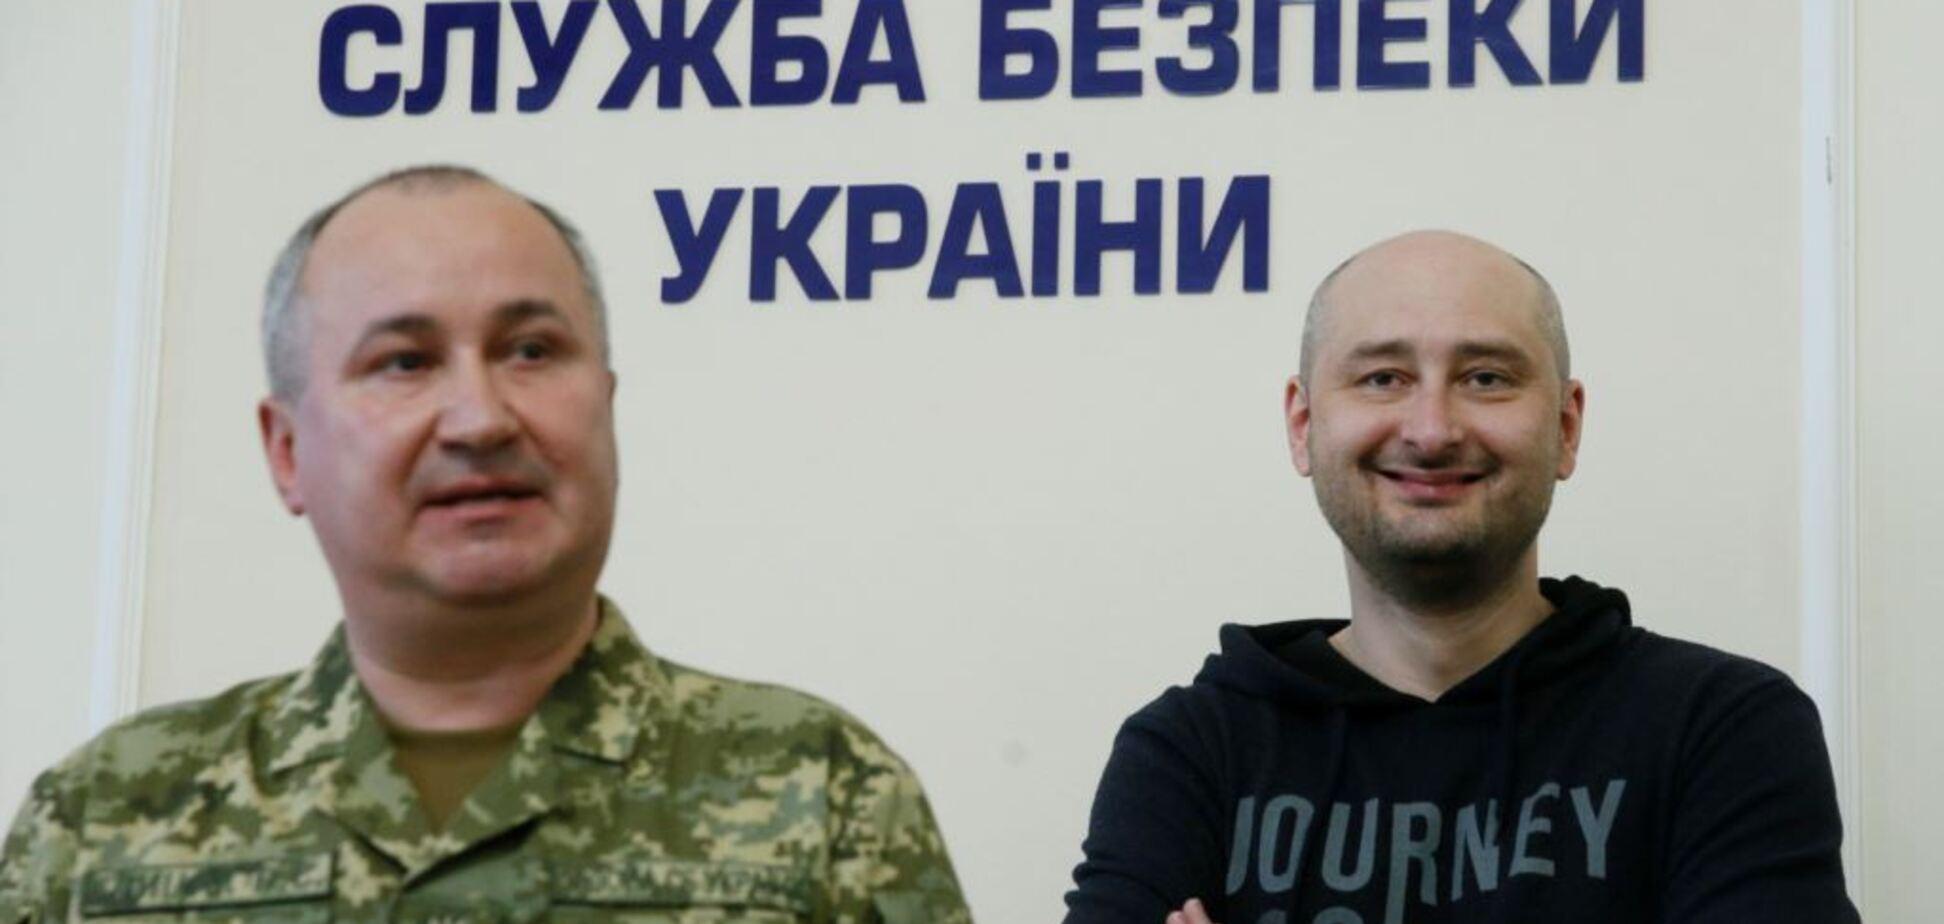 Планувалося 30 вбивств: з'явилися подробиці щодо спецоперації з Бабченком